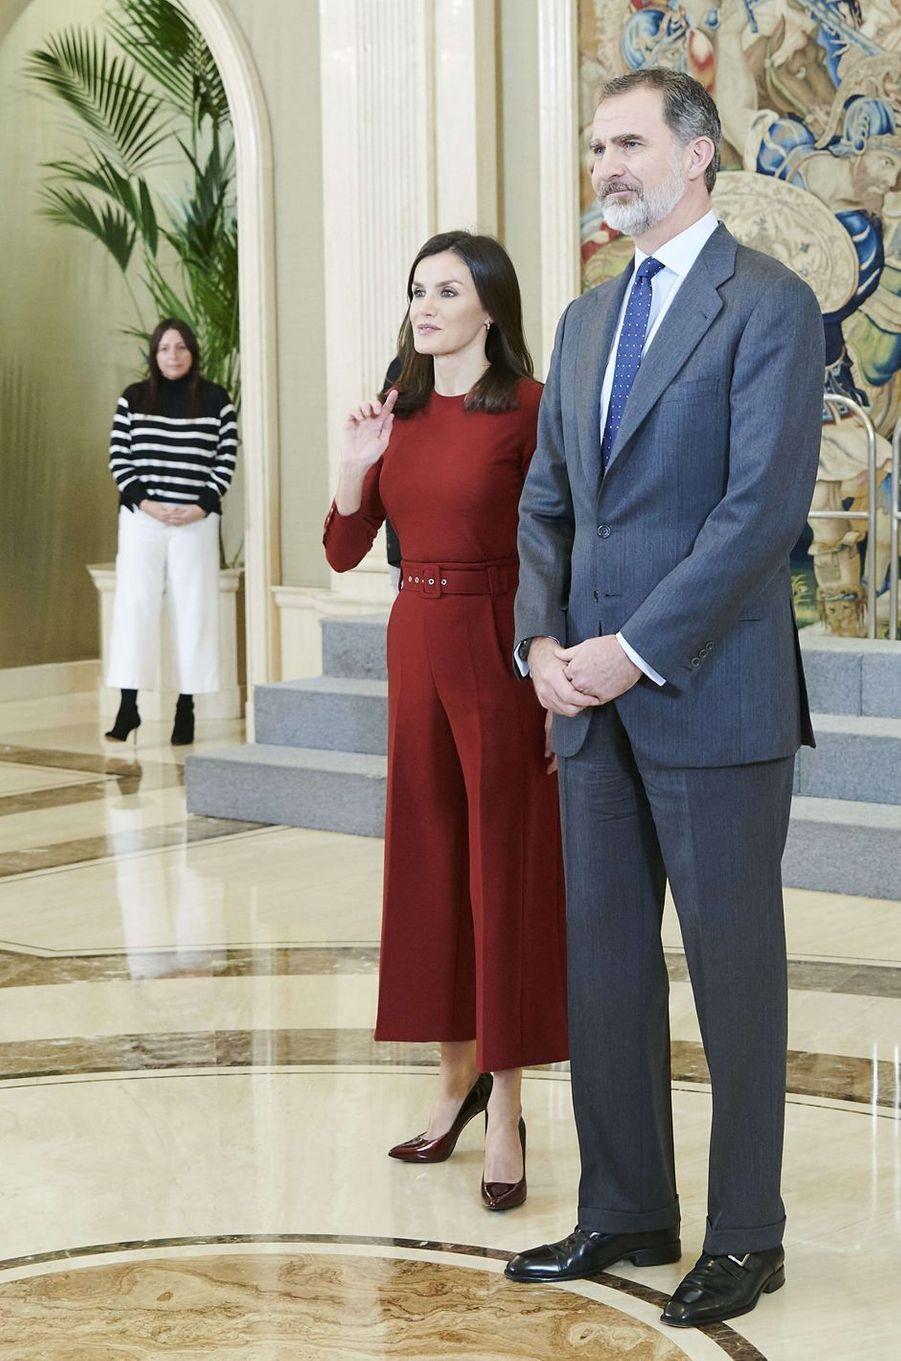 La reine Letizia et le roi Felipe VI d'Espagne au palais de la Zarzuela à Madrid, le 31 janvier 2020